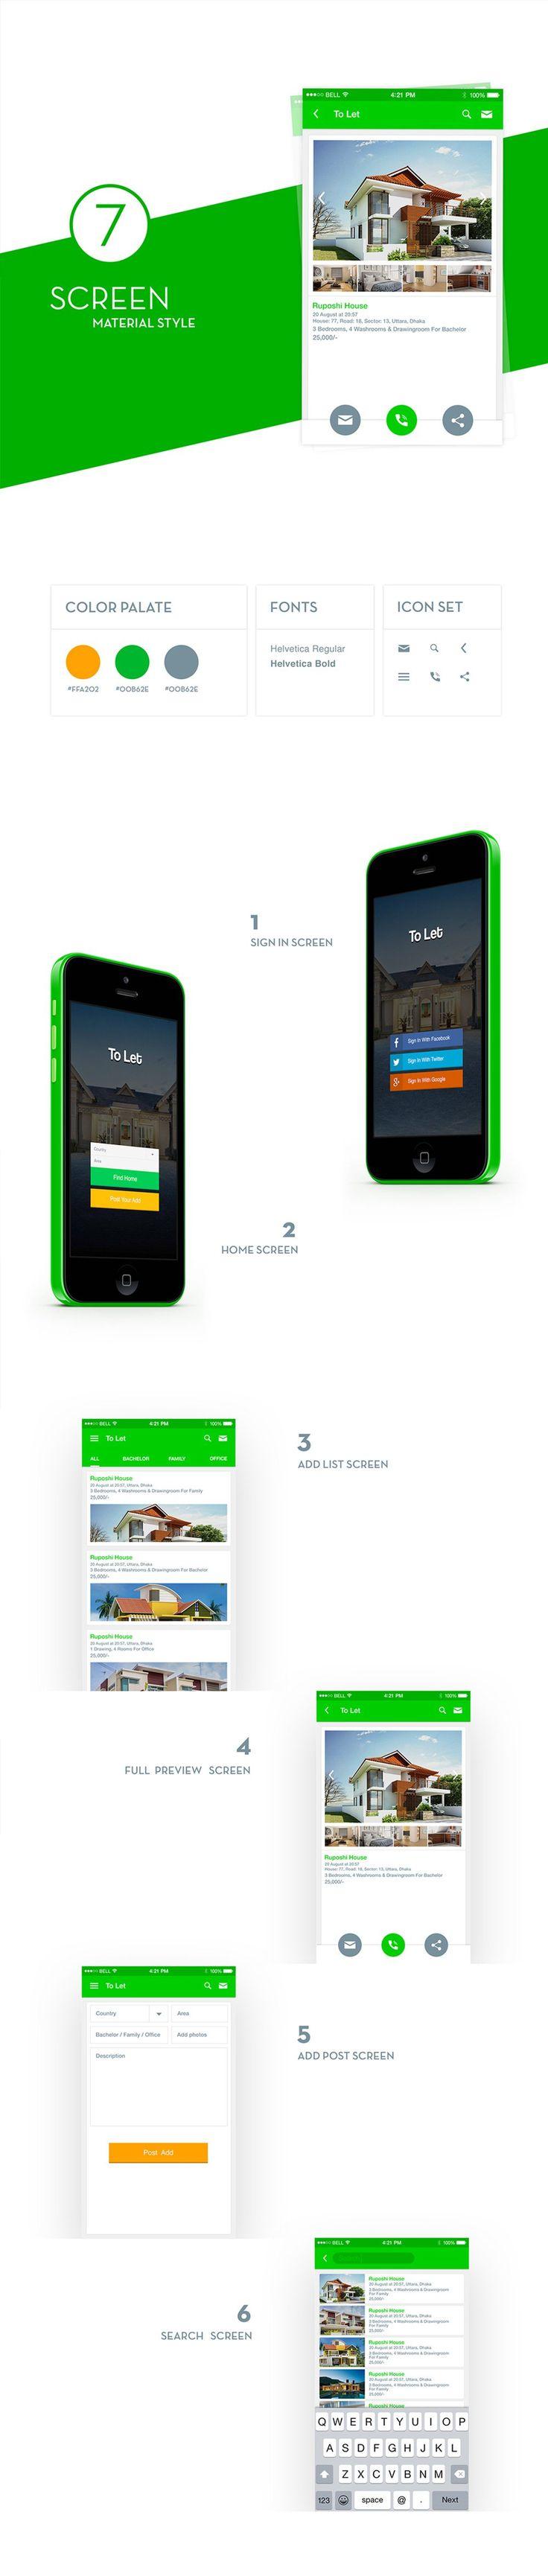 14 best System message images on Pinterest | Mobile design patterns ...